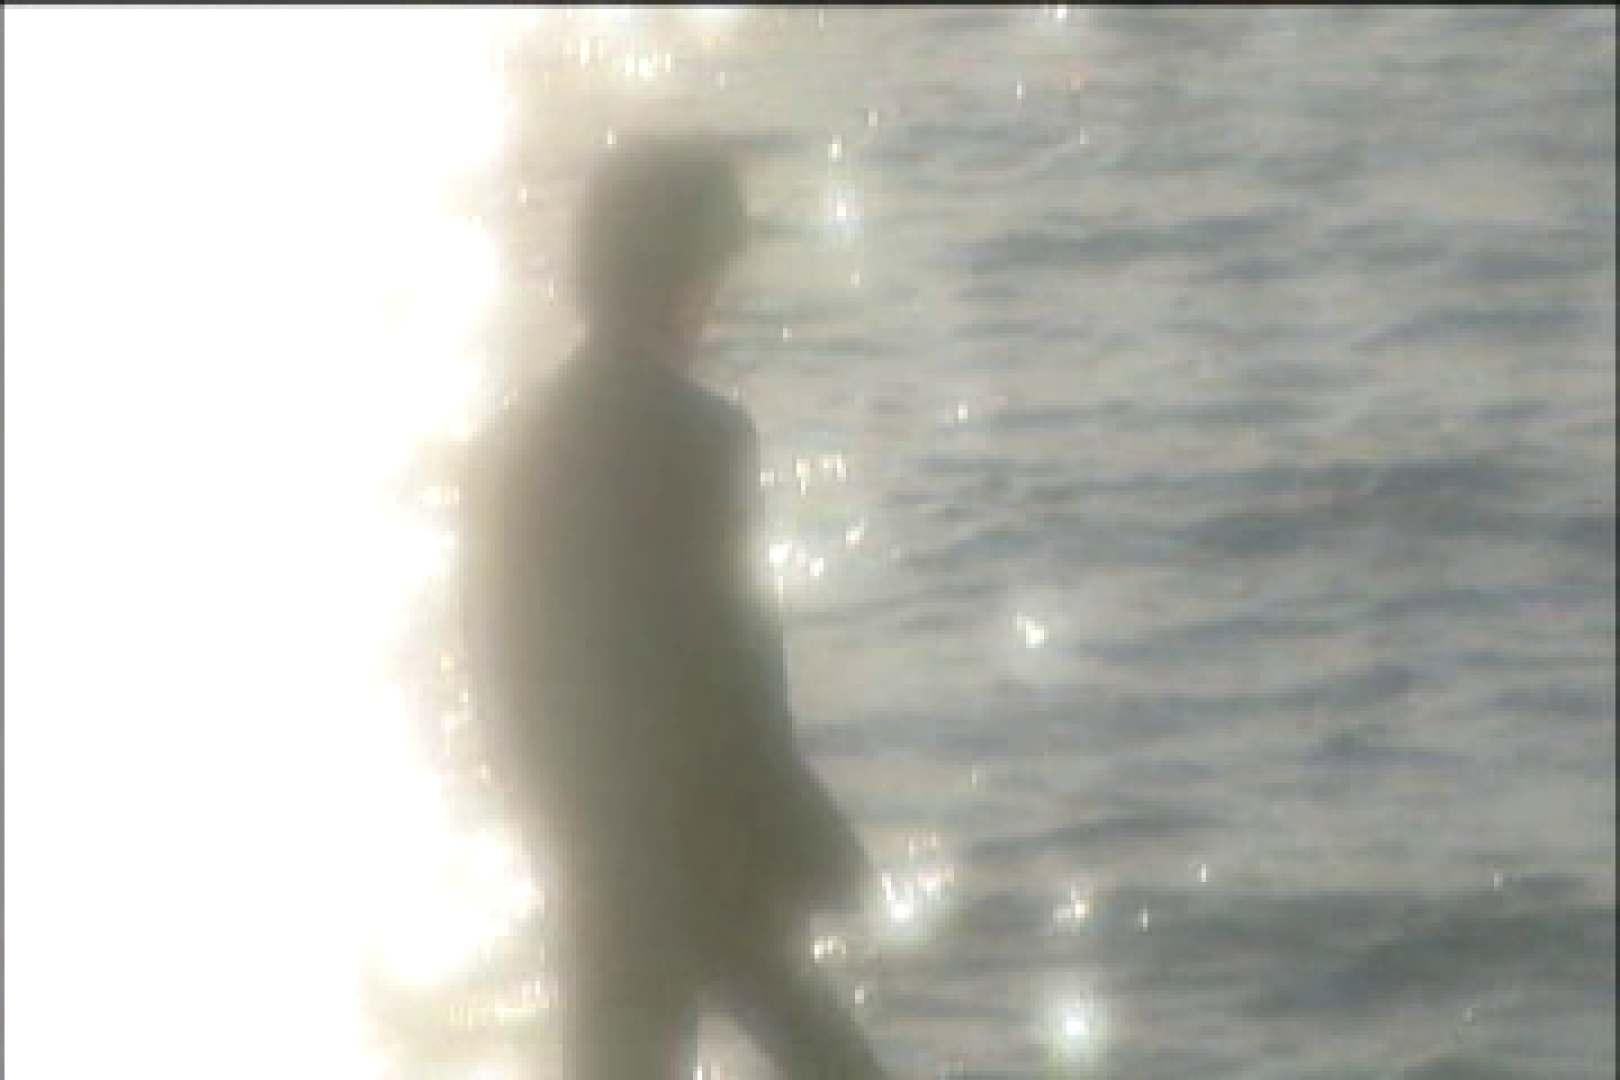 イケメン☆パラダイス〜男ざかりの君たちへ〜vol.40 男どうし ゲイヌード画像 46pic 5